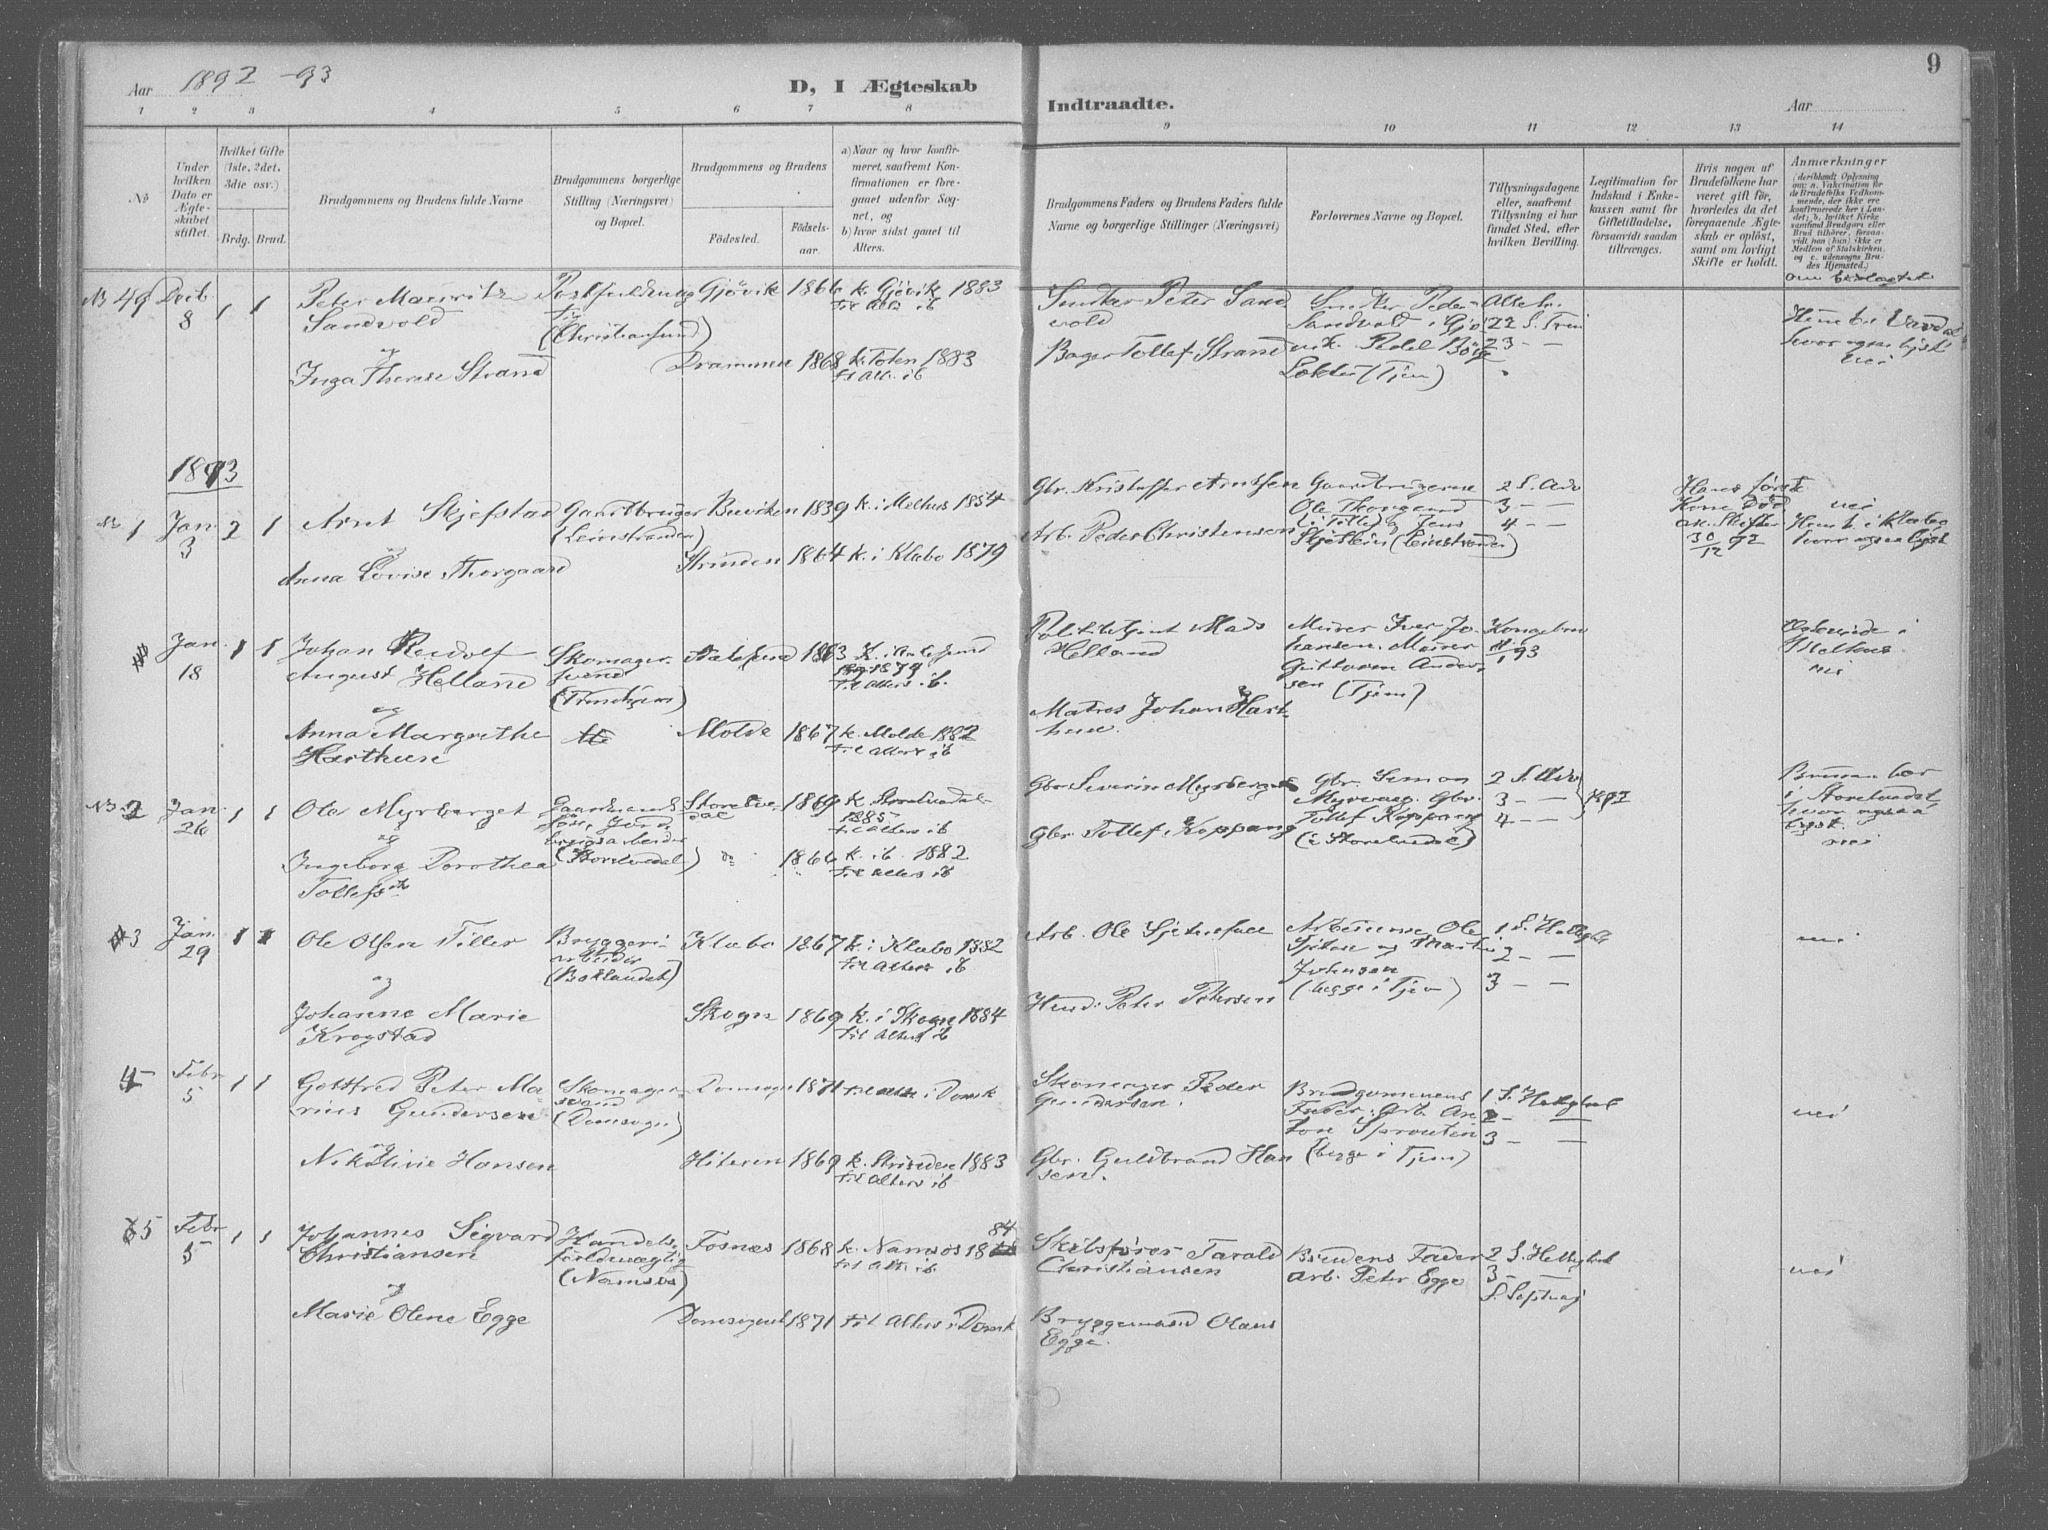 SAT, Ministerialprotokoller, klokkerbøker og fødselsregistre - Sør-Trøndelag, 601/L0064: Ministerialbok nr. 601A31, 1891-1911, s. 9